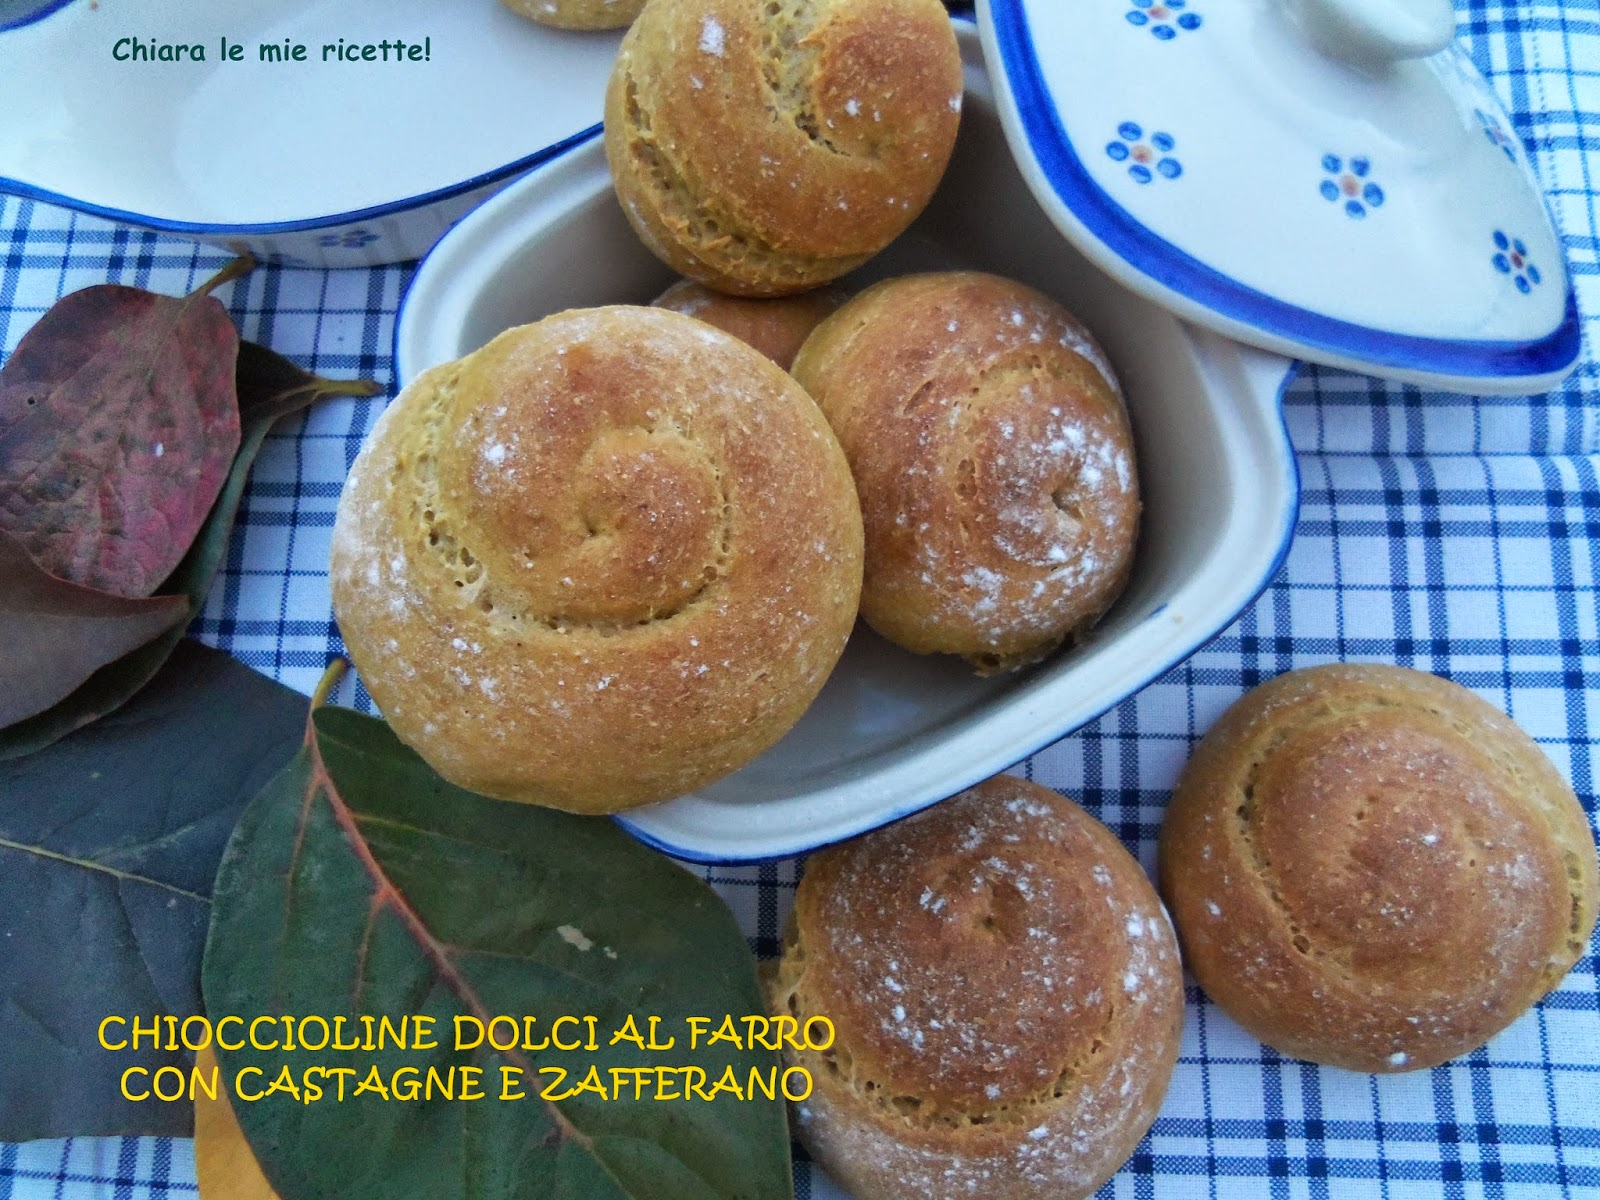 chioccioline dolci al farro con castagne e zafferano